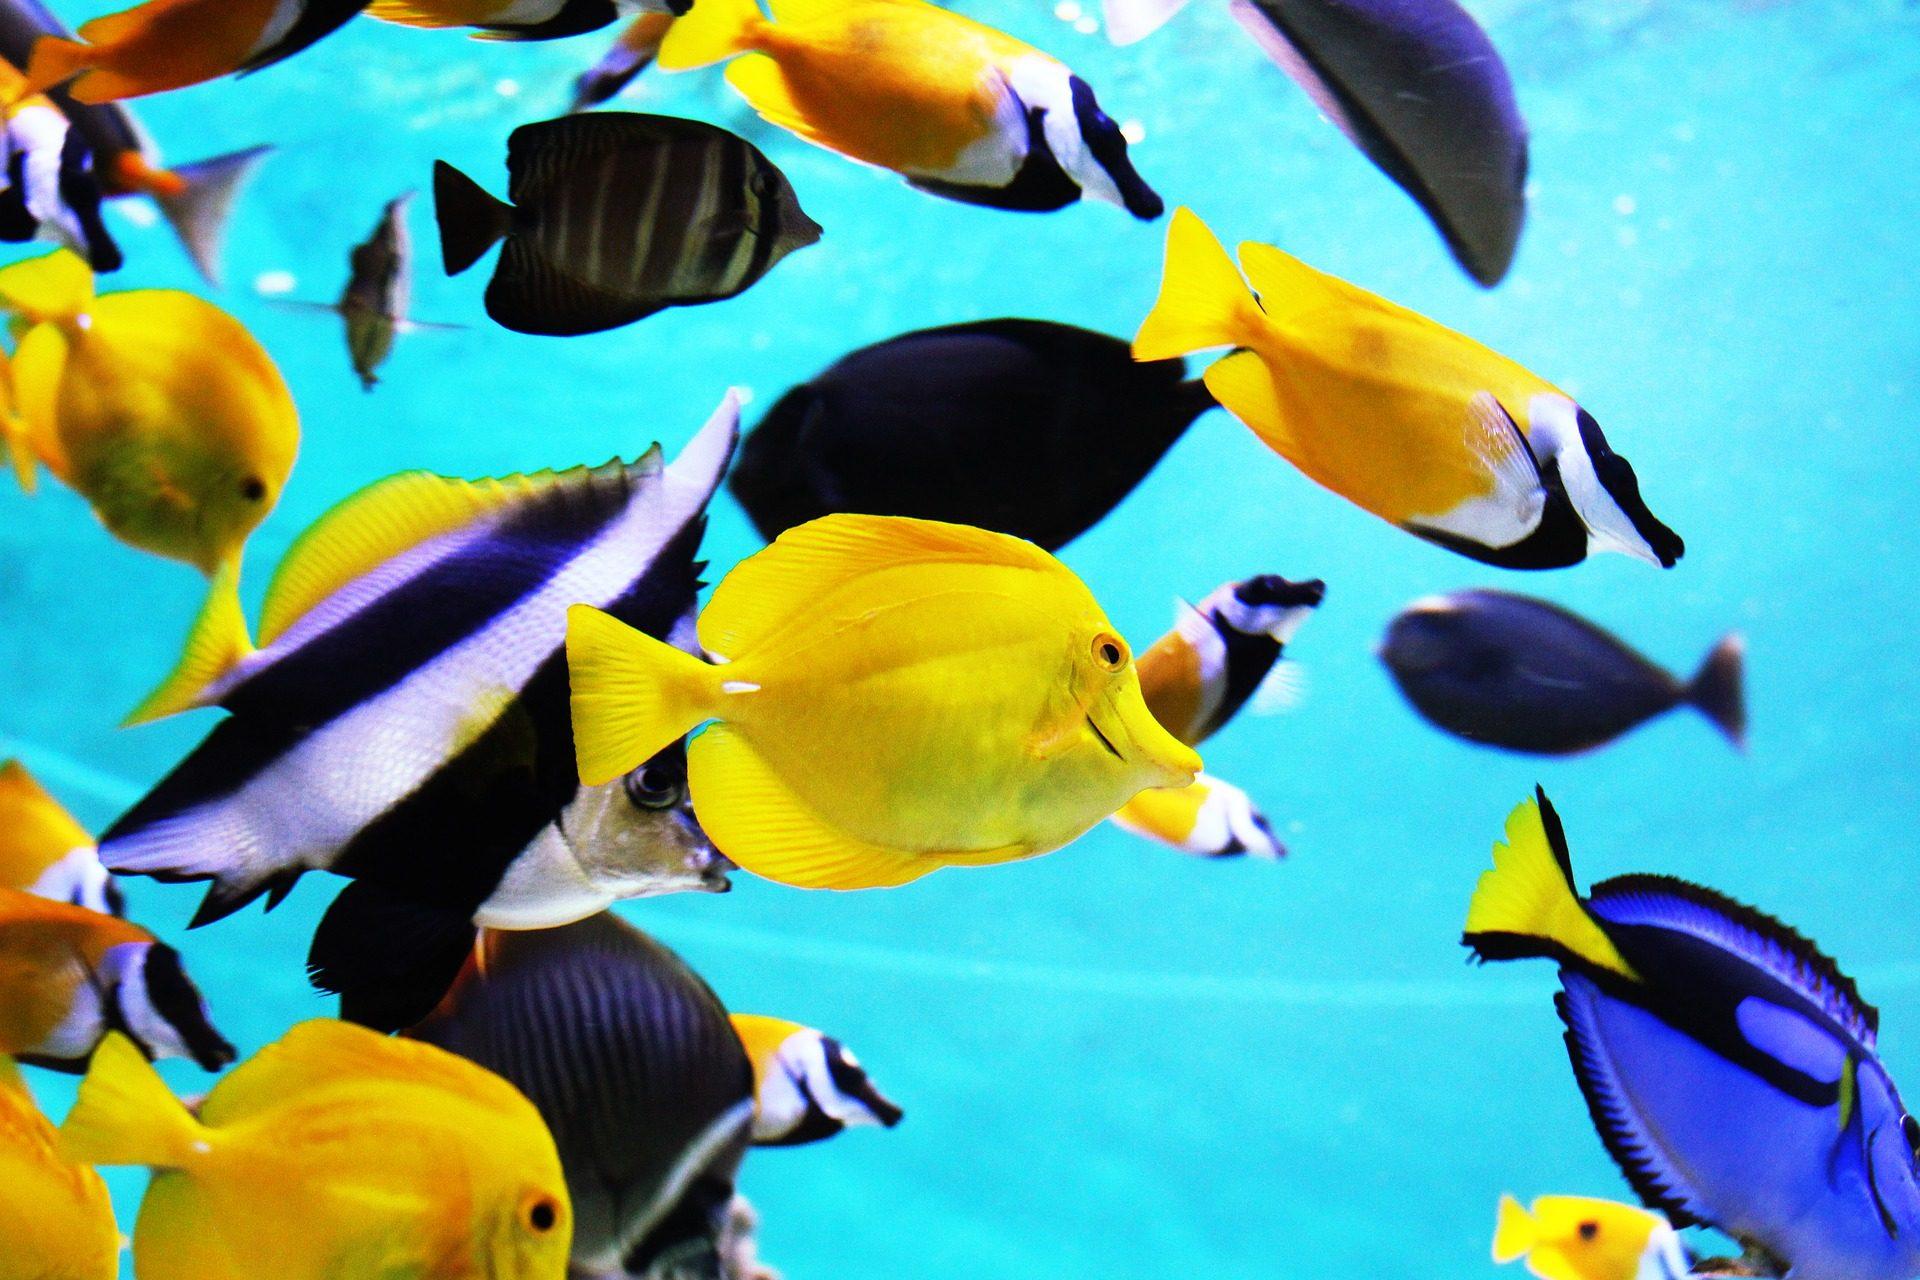 pesce, Tropical, colorato, Acquario, esotici - Sfondi HD - Professor-falken.com